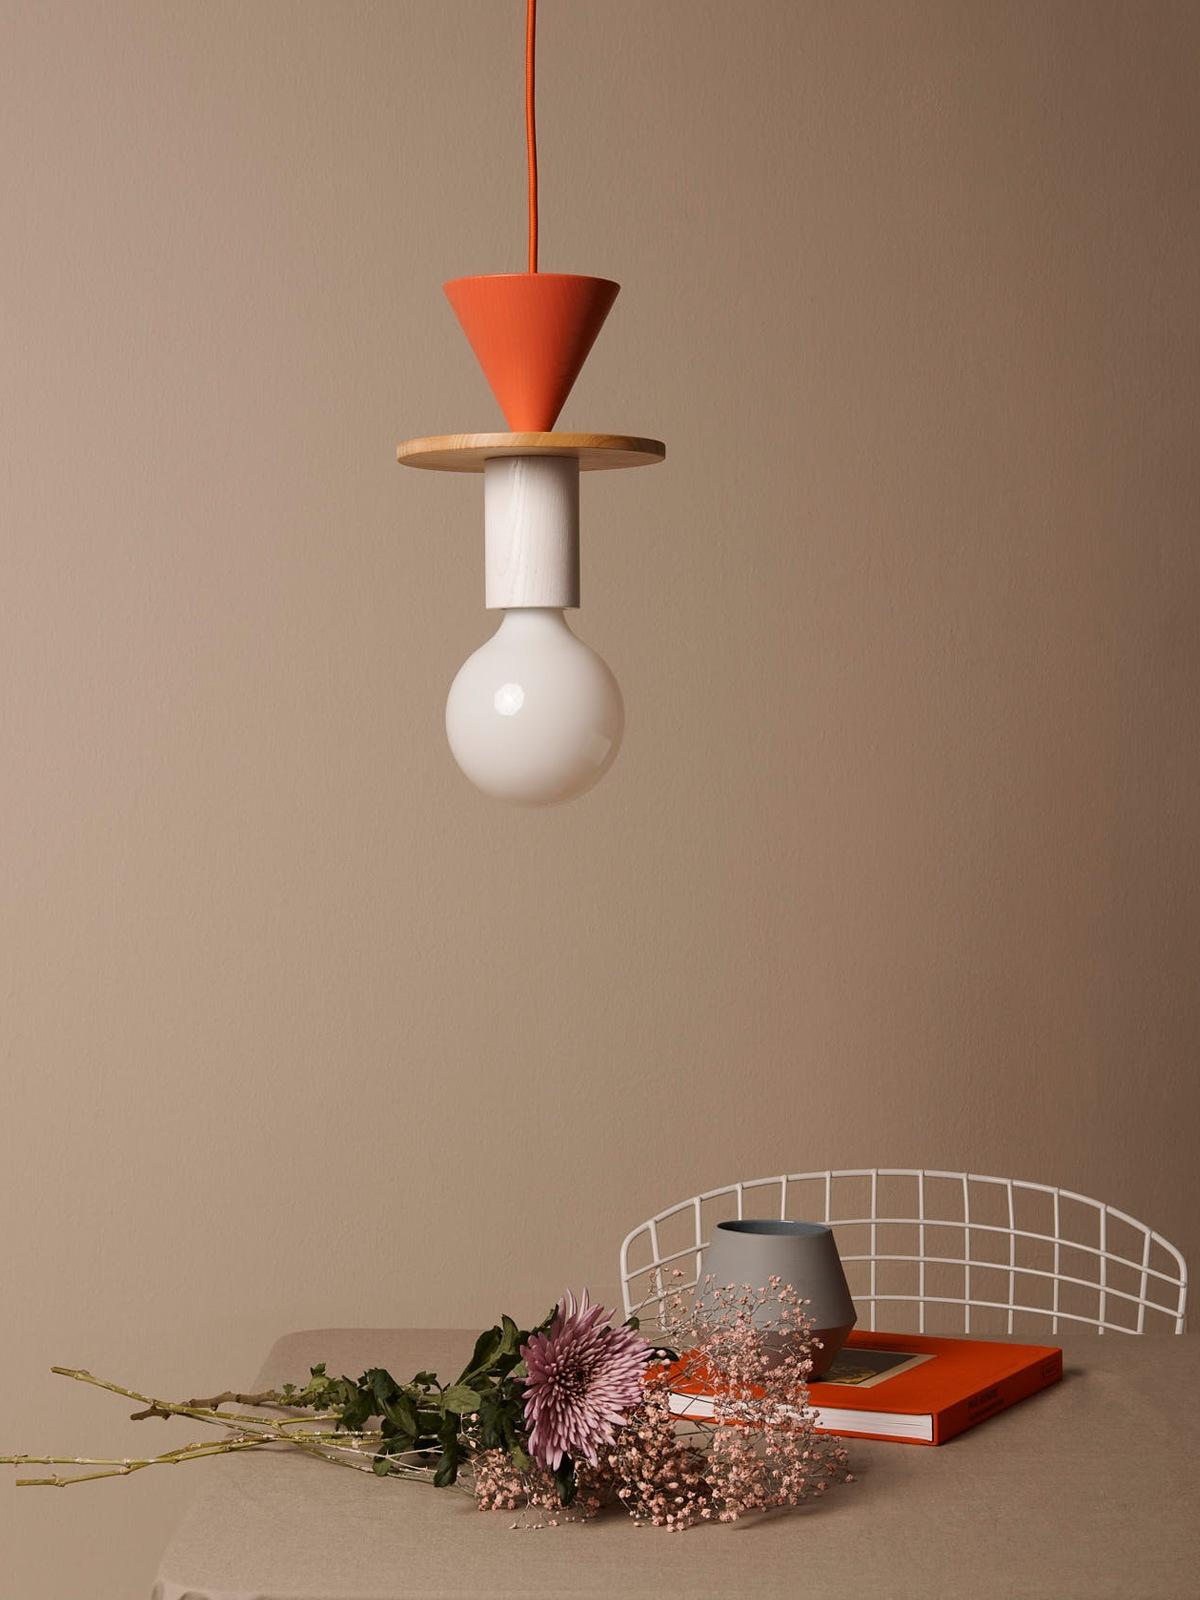 DesignOrt Lampenblog: Schneid Junit Pendelleuchte System aus Holz mit weißer Glühbirne Leuchten Berlin DesignOrt Onlineshop